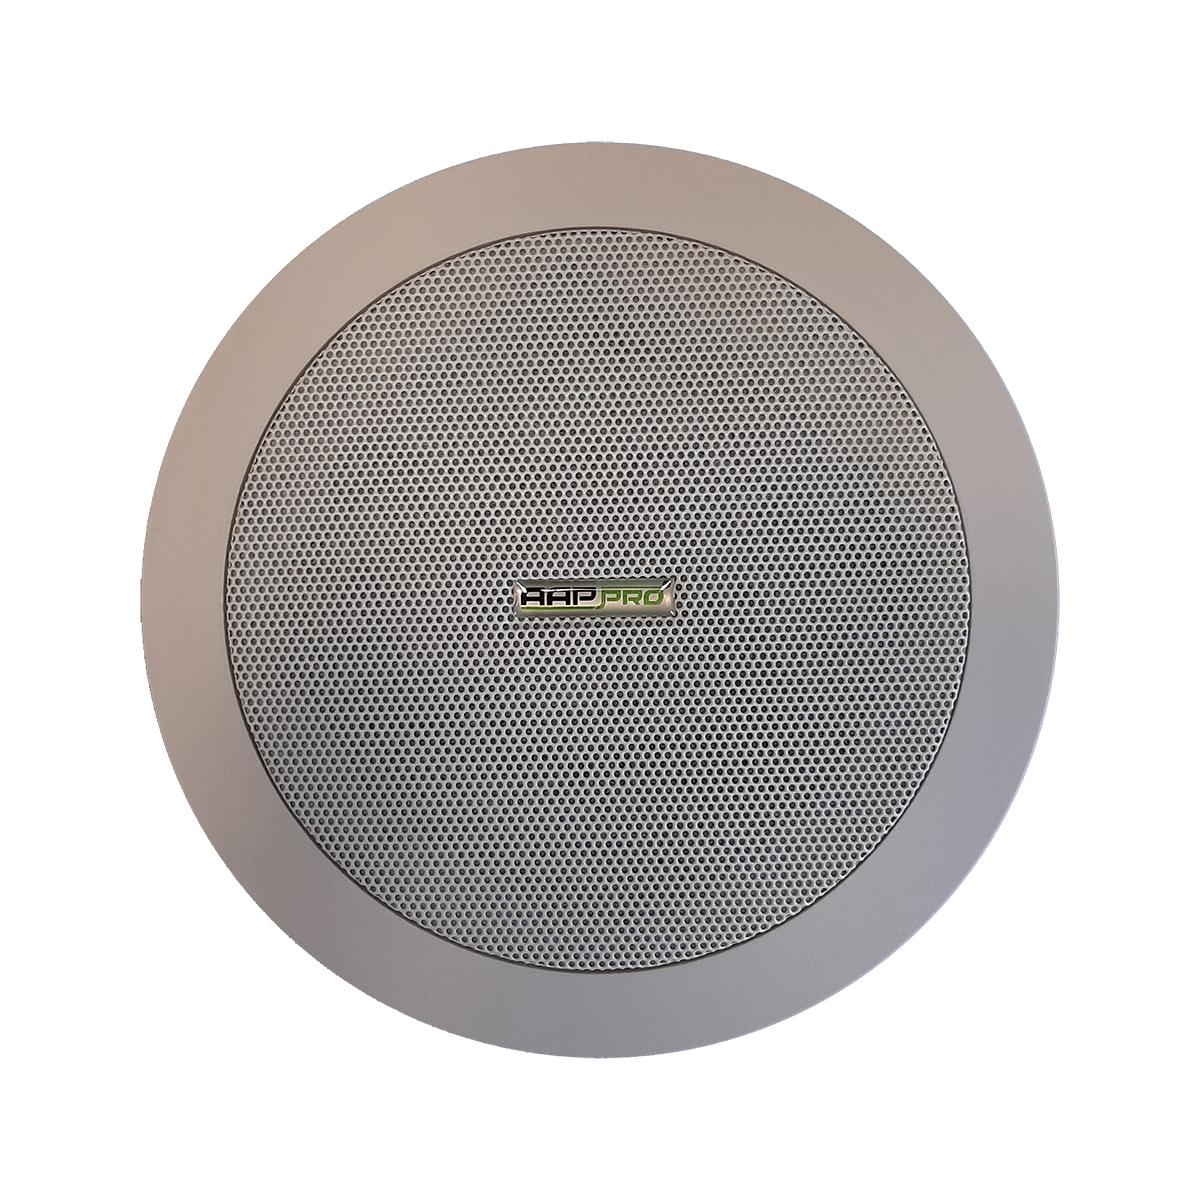 بررسی و {خرید با تخفیف}                                     اسپیکر سقفی اپ پرو مدل PA-3G-105S                             اصل